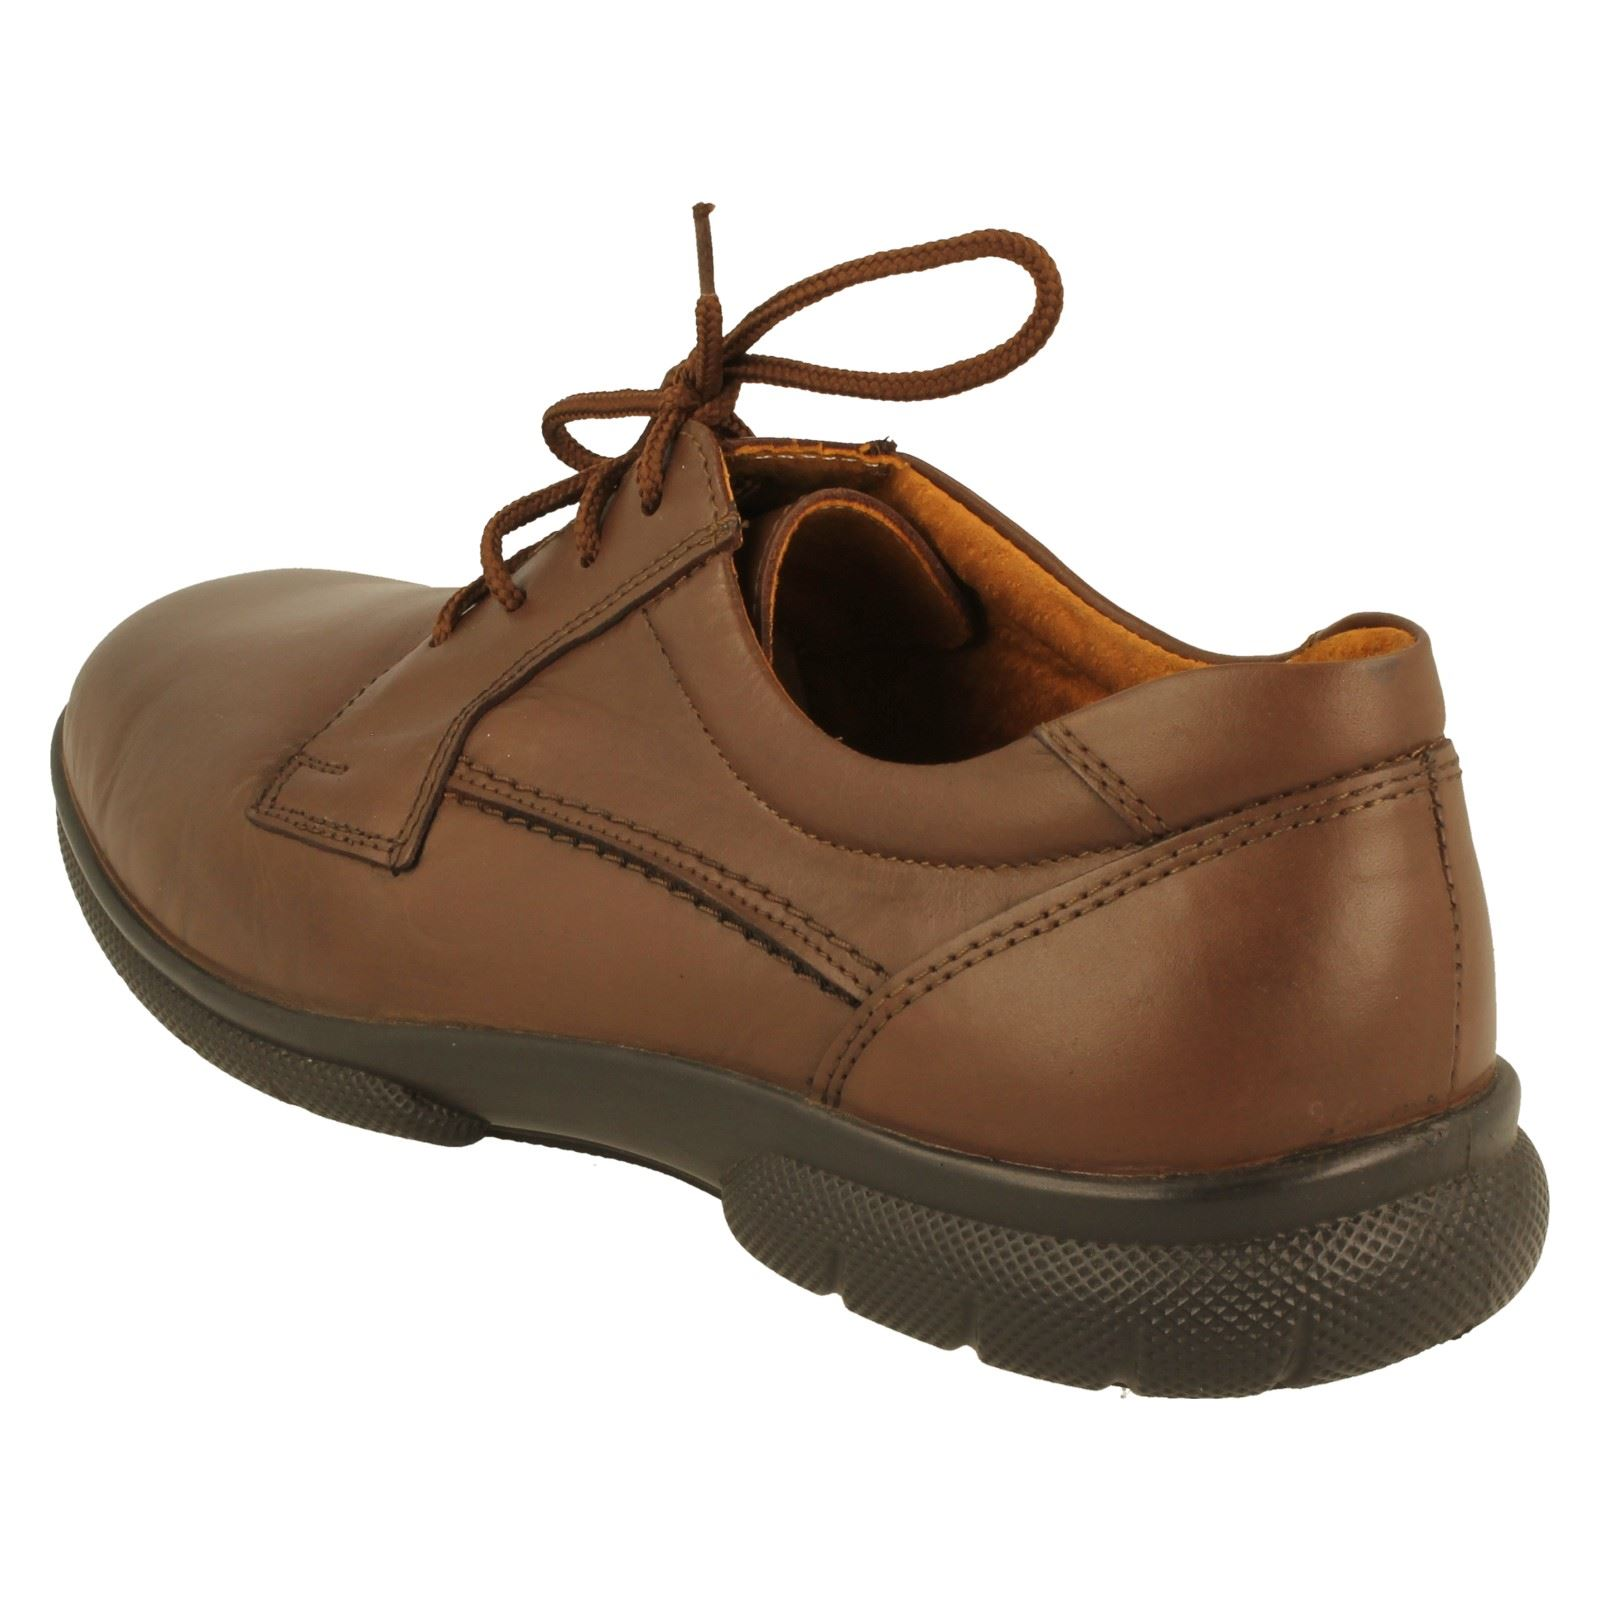 Herren Schuhes DB Schuhes Herren Style Hailsham-W 8c7bad